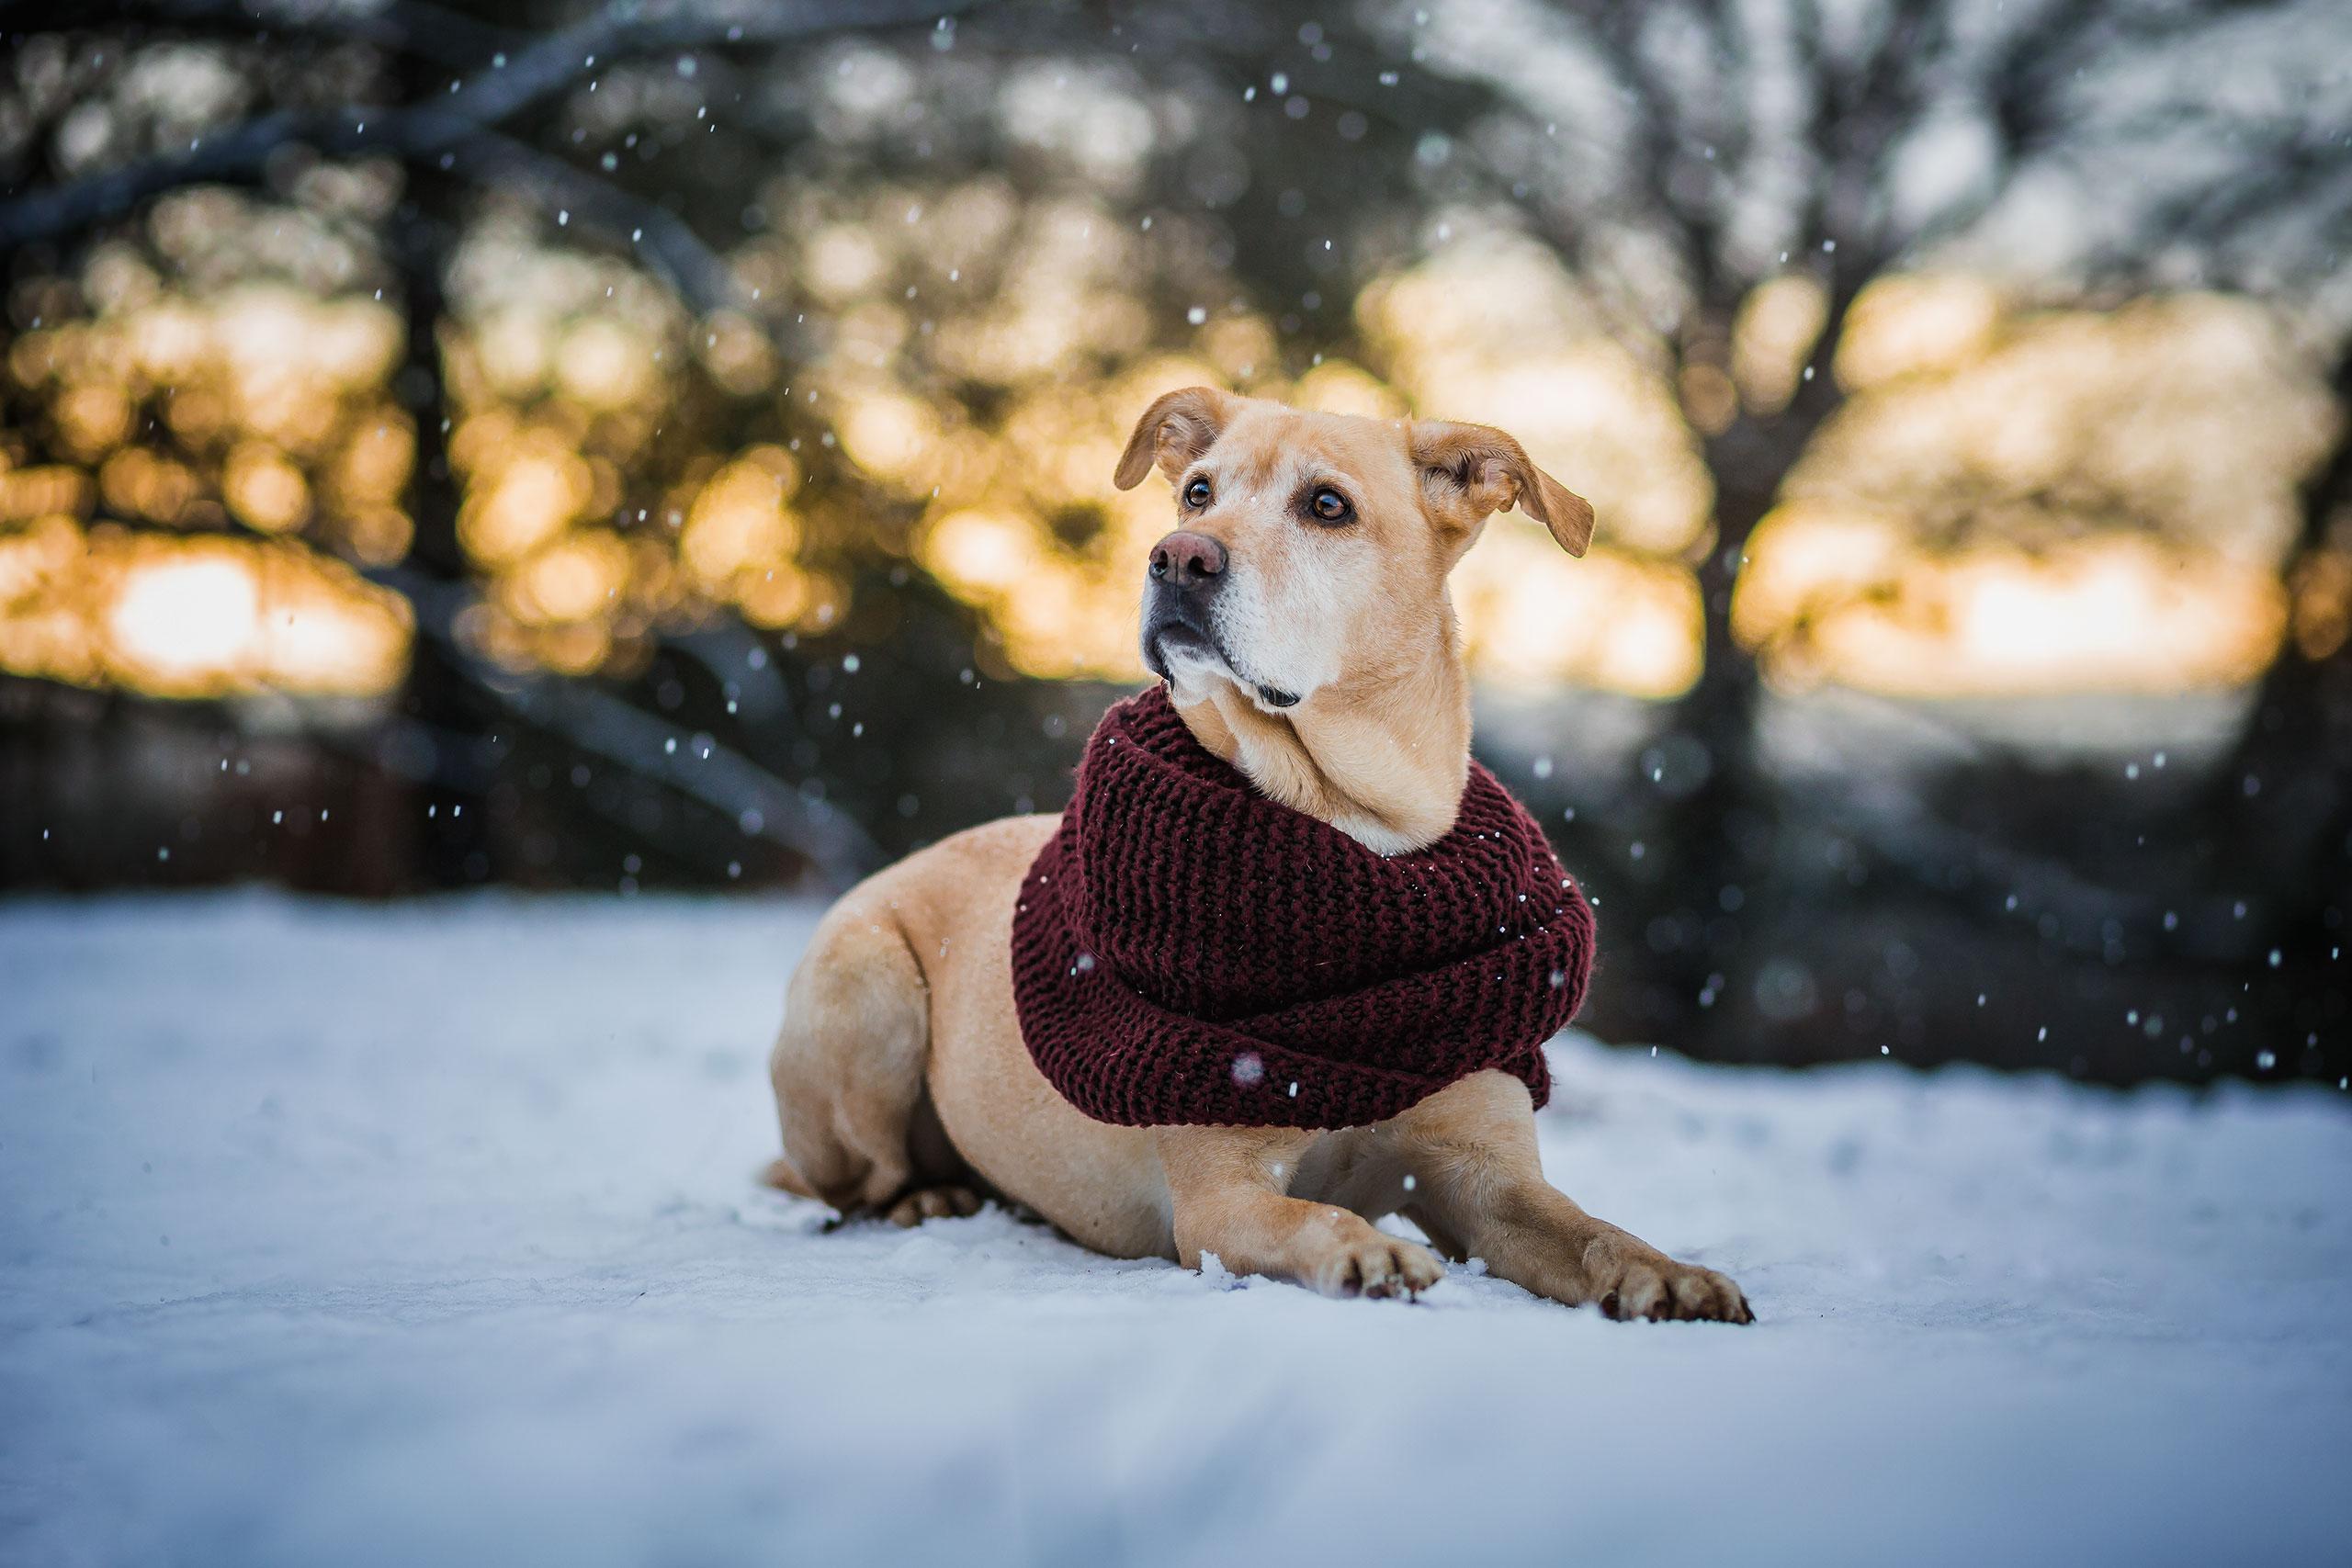 hundefotograf-weihnachtsgeschenk-hundebesitzer-01 » Anna Panke ...